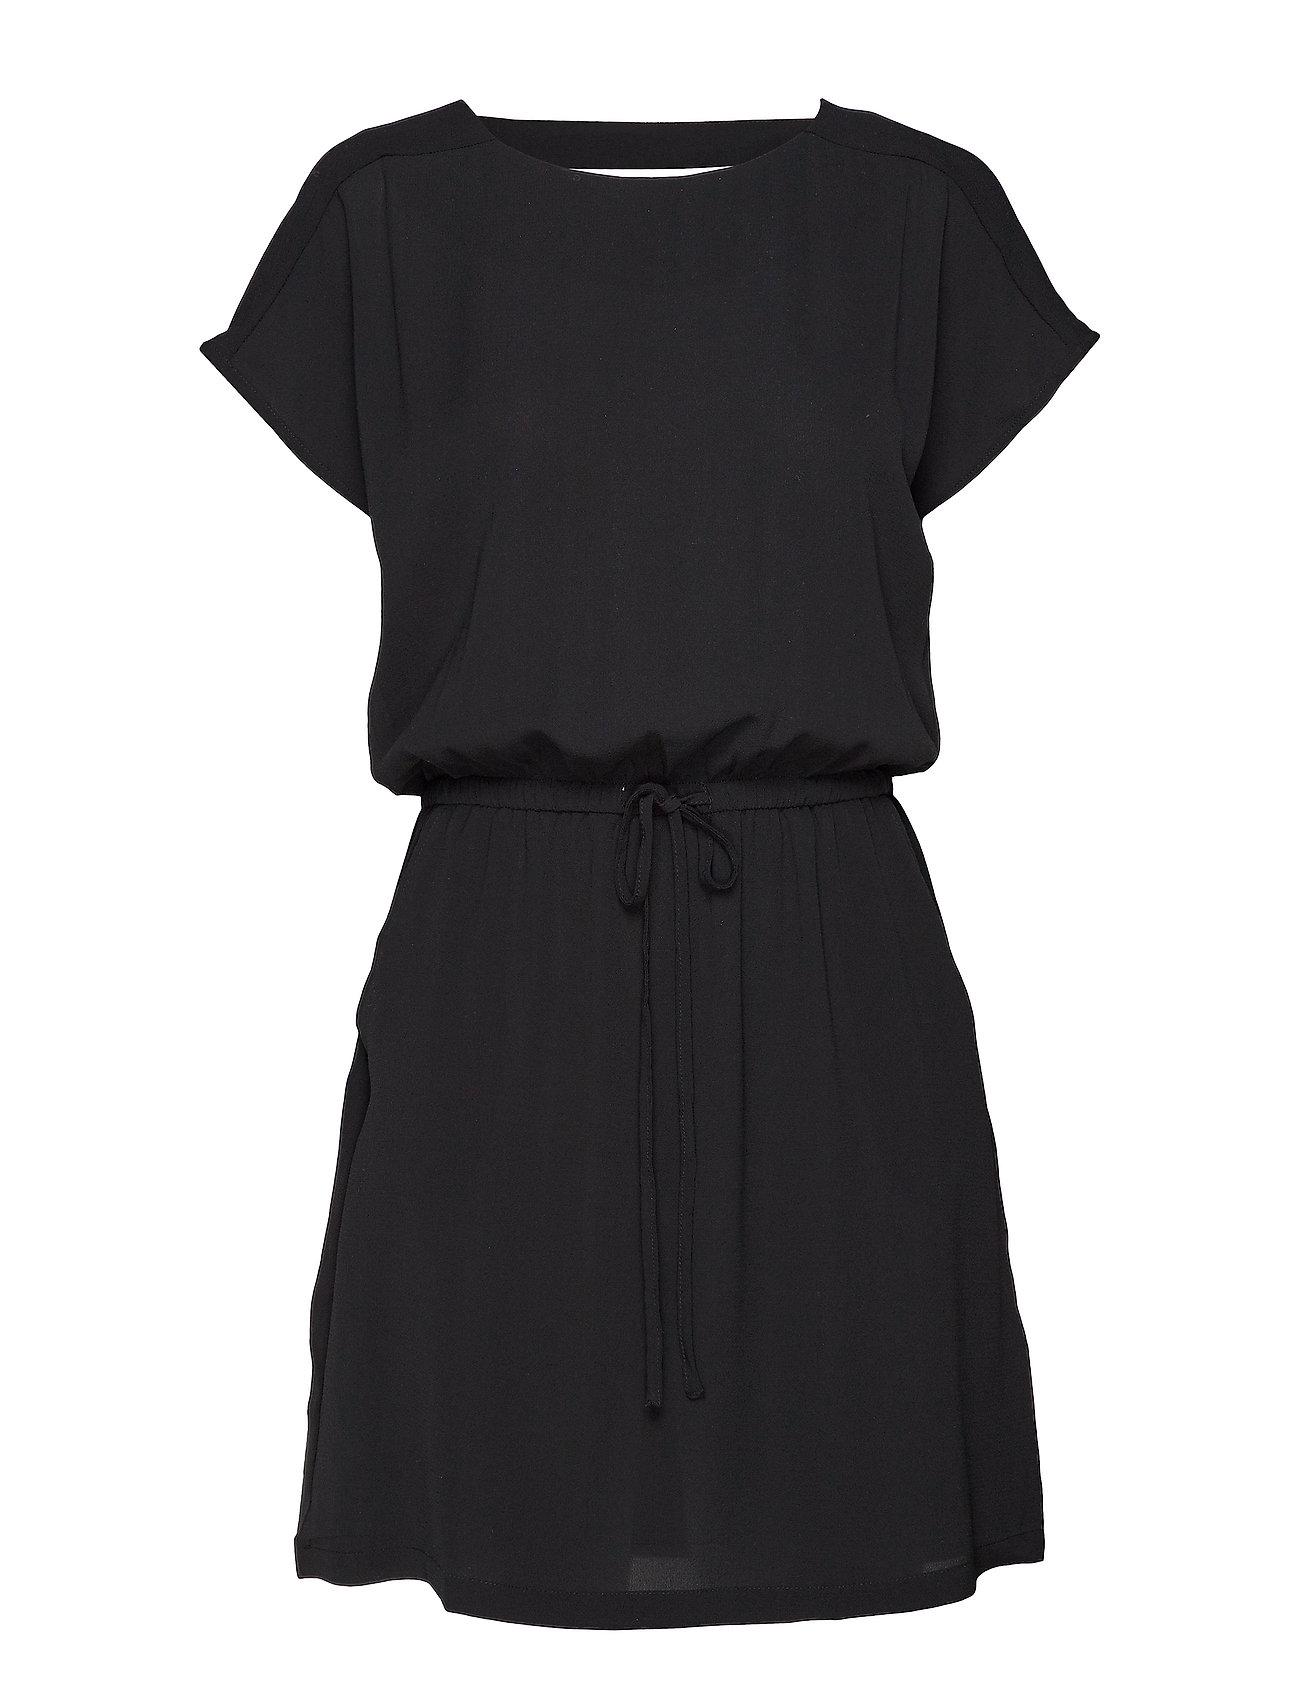 ONLY ONLMARIANA MYRINA S/S DET DRESS NOOS WVN - BLACK